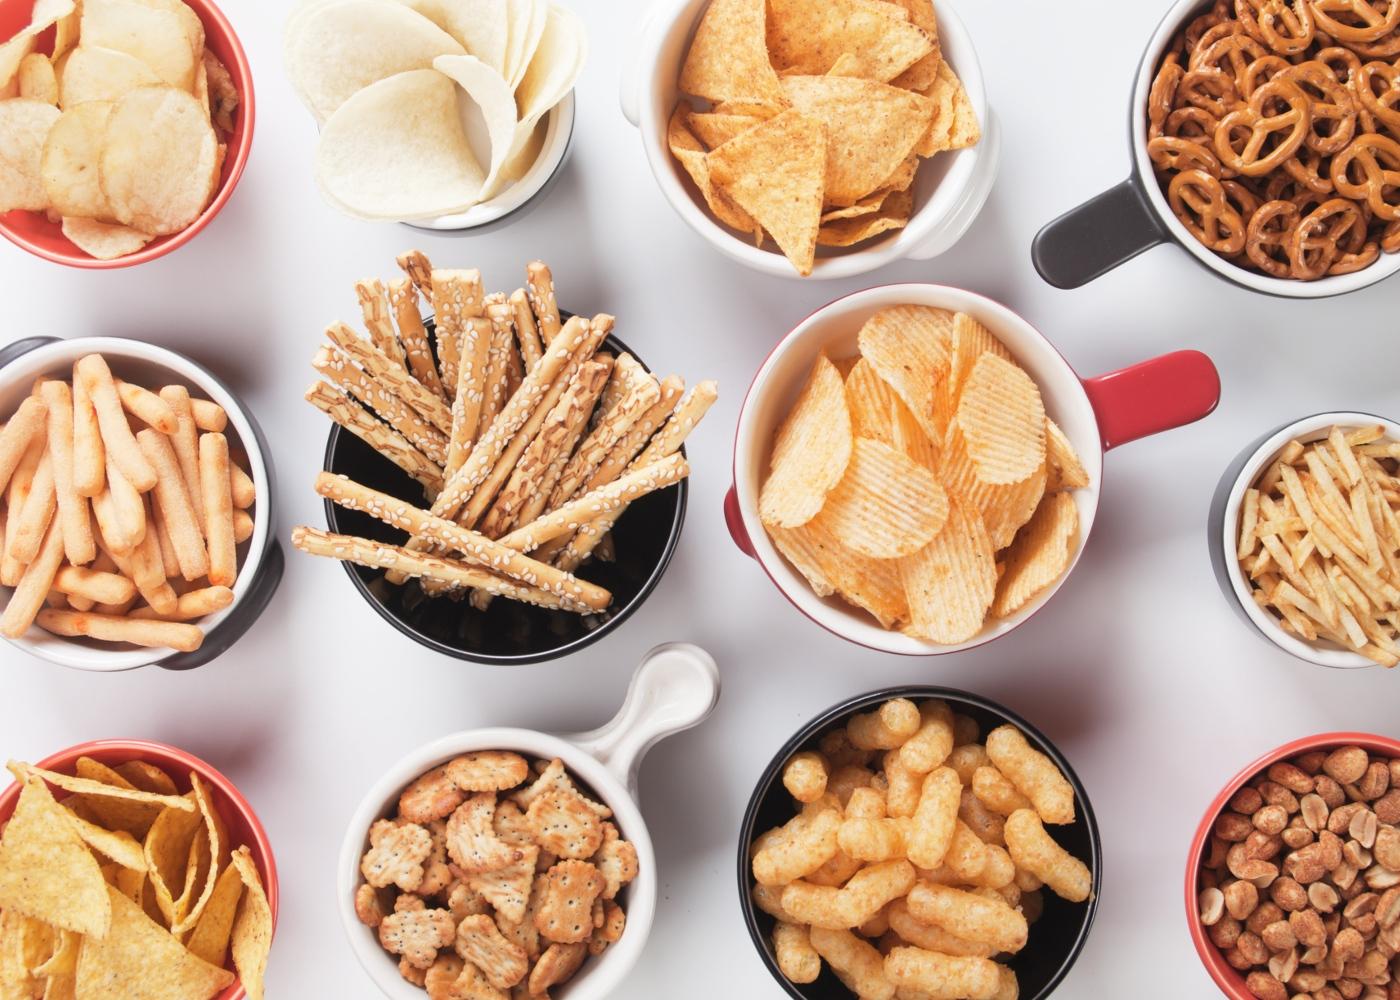 Variedade de snacks salgados